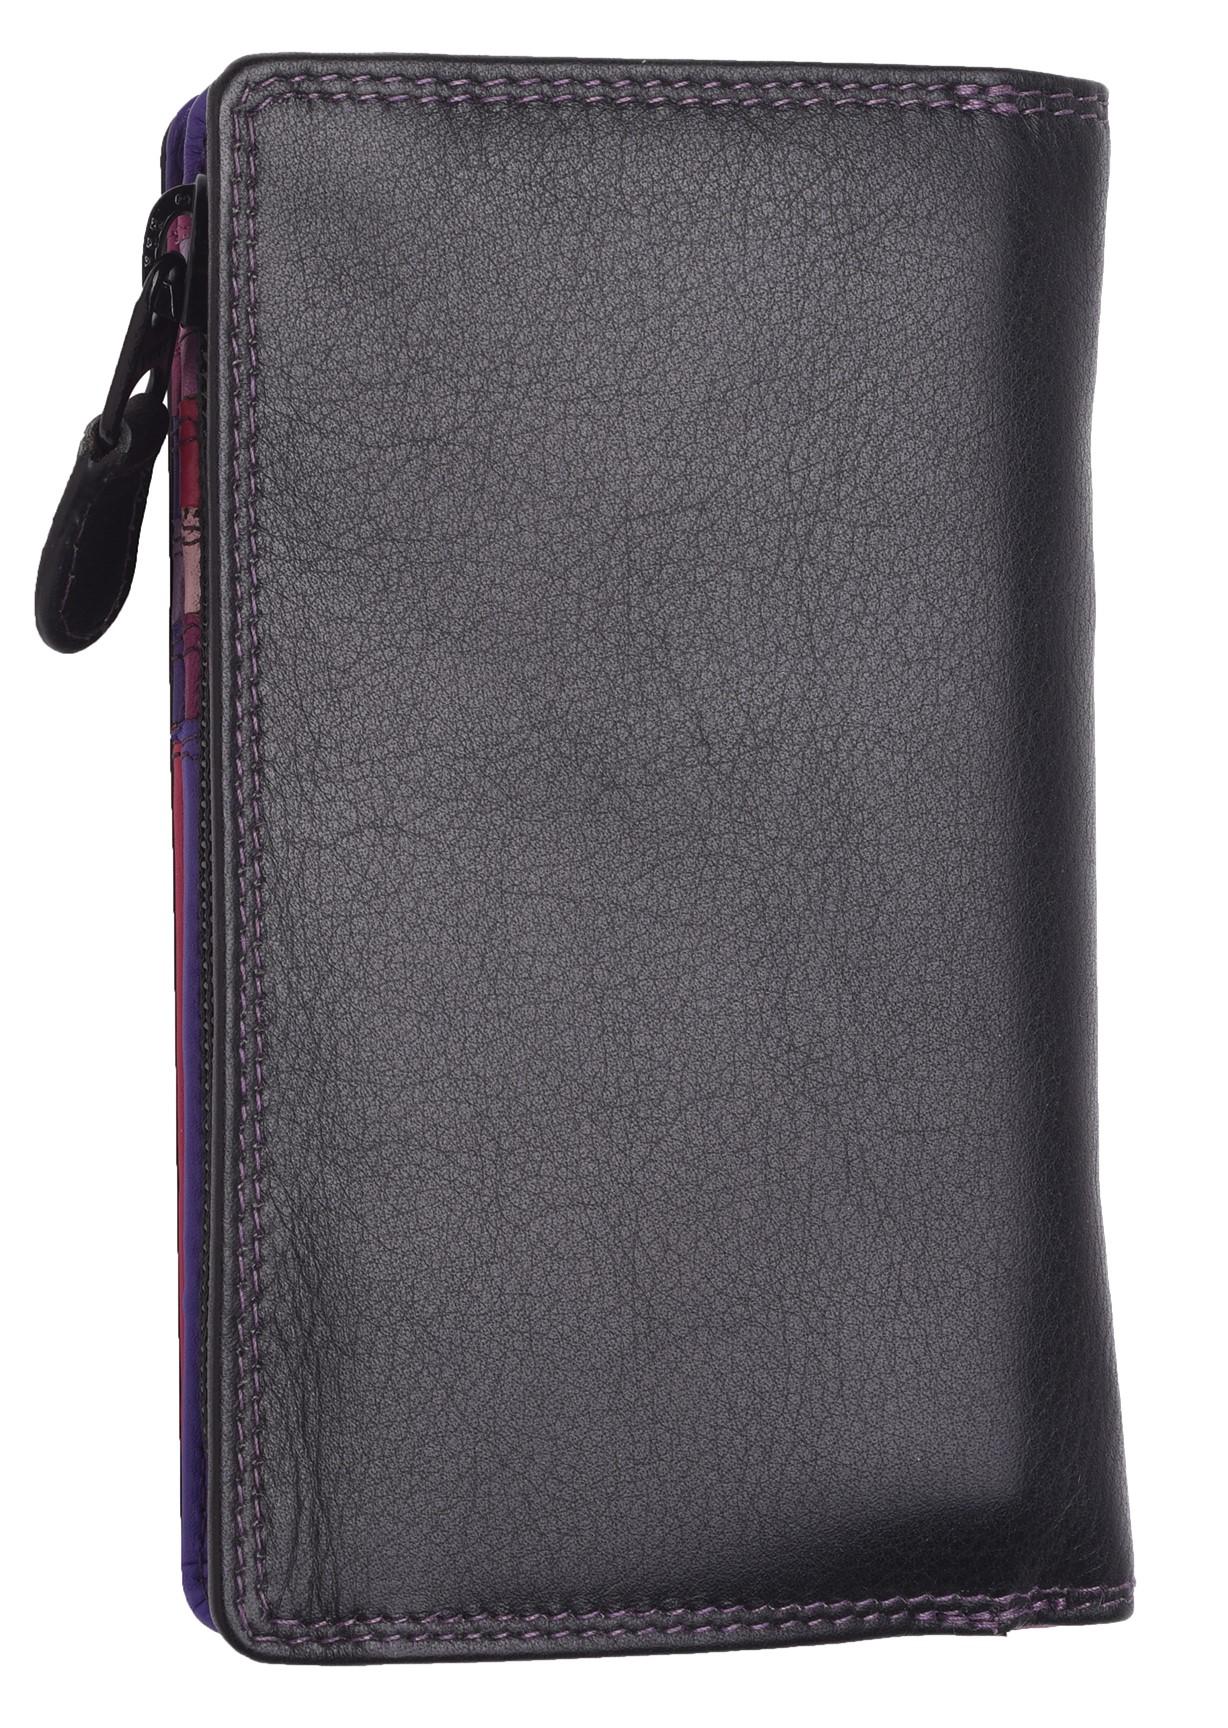 Femme-Veritable-Multi-Couleur-RFID-Blocage-De-Haute-Qualite-Sac-a-Main-Portefeuille miniature 28